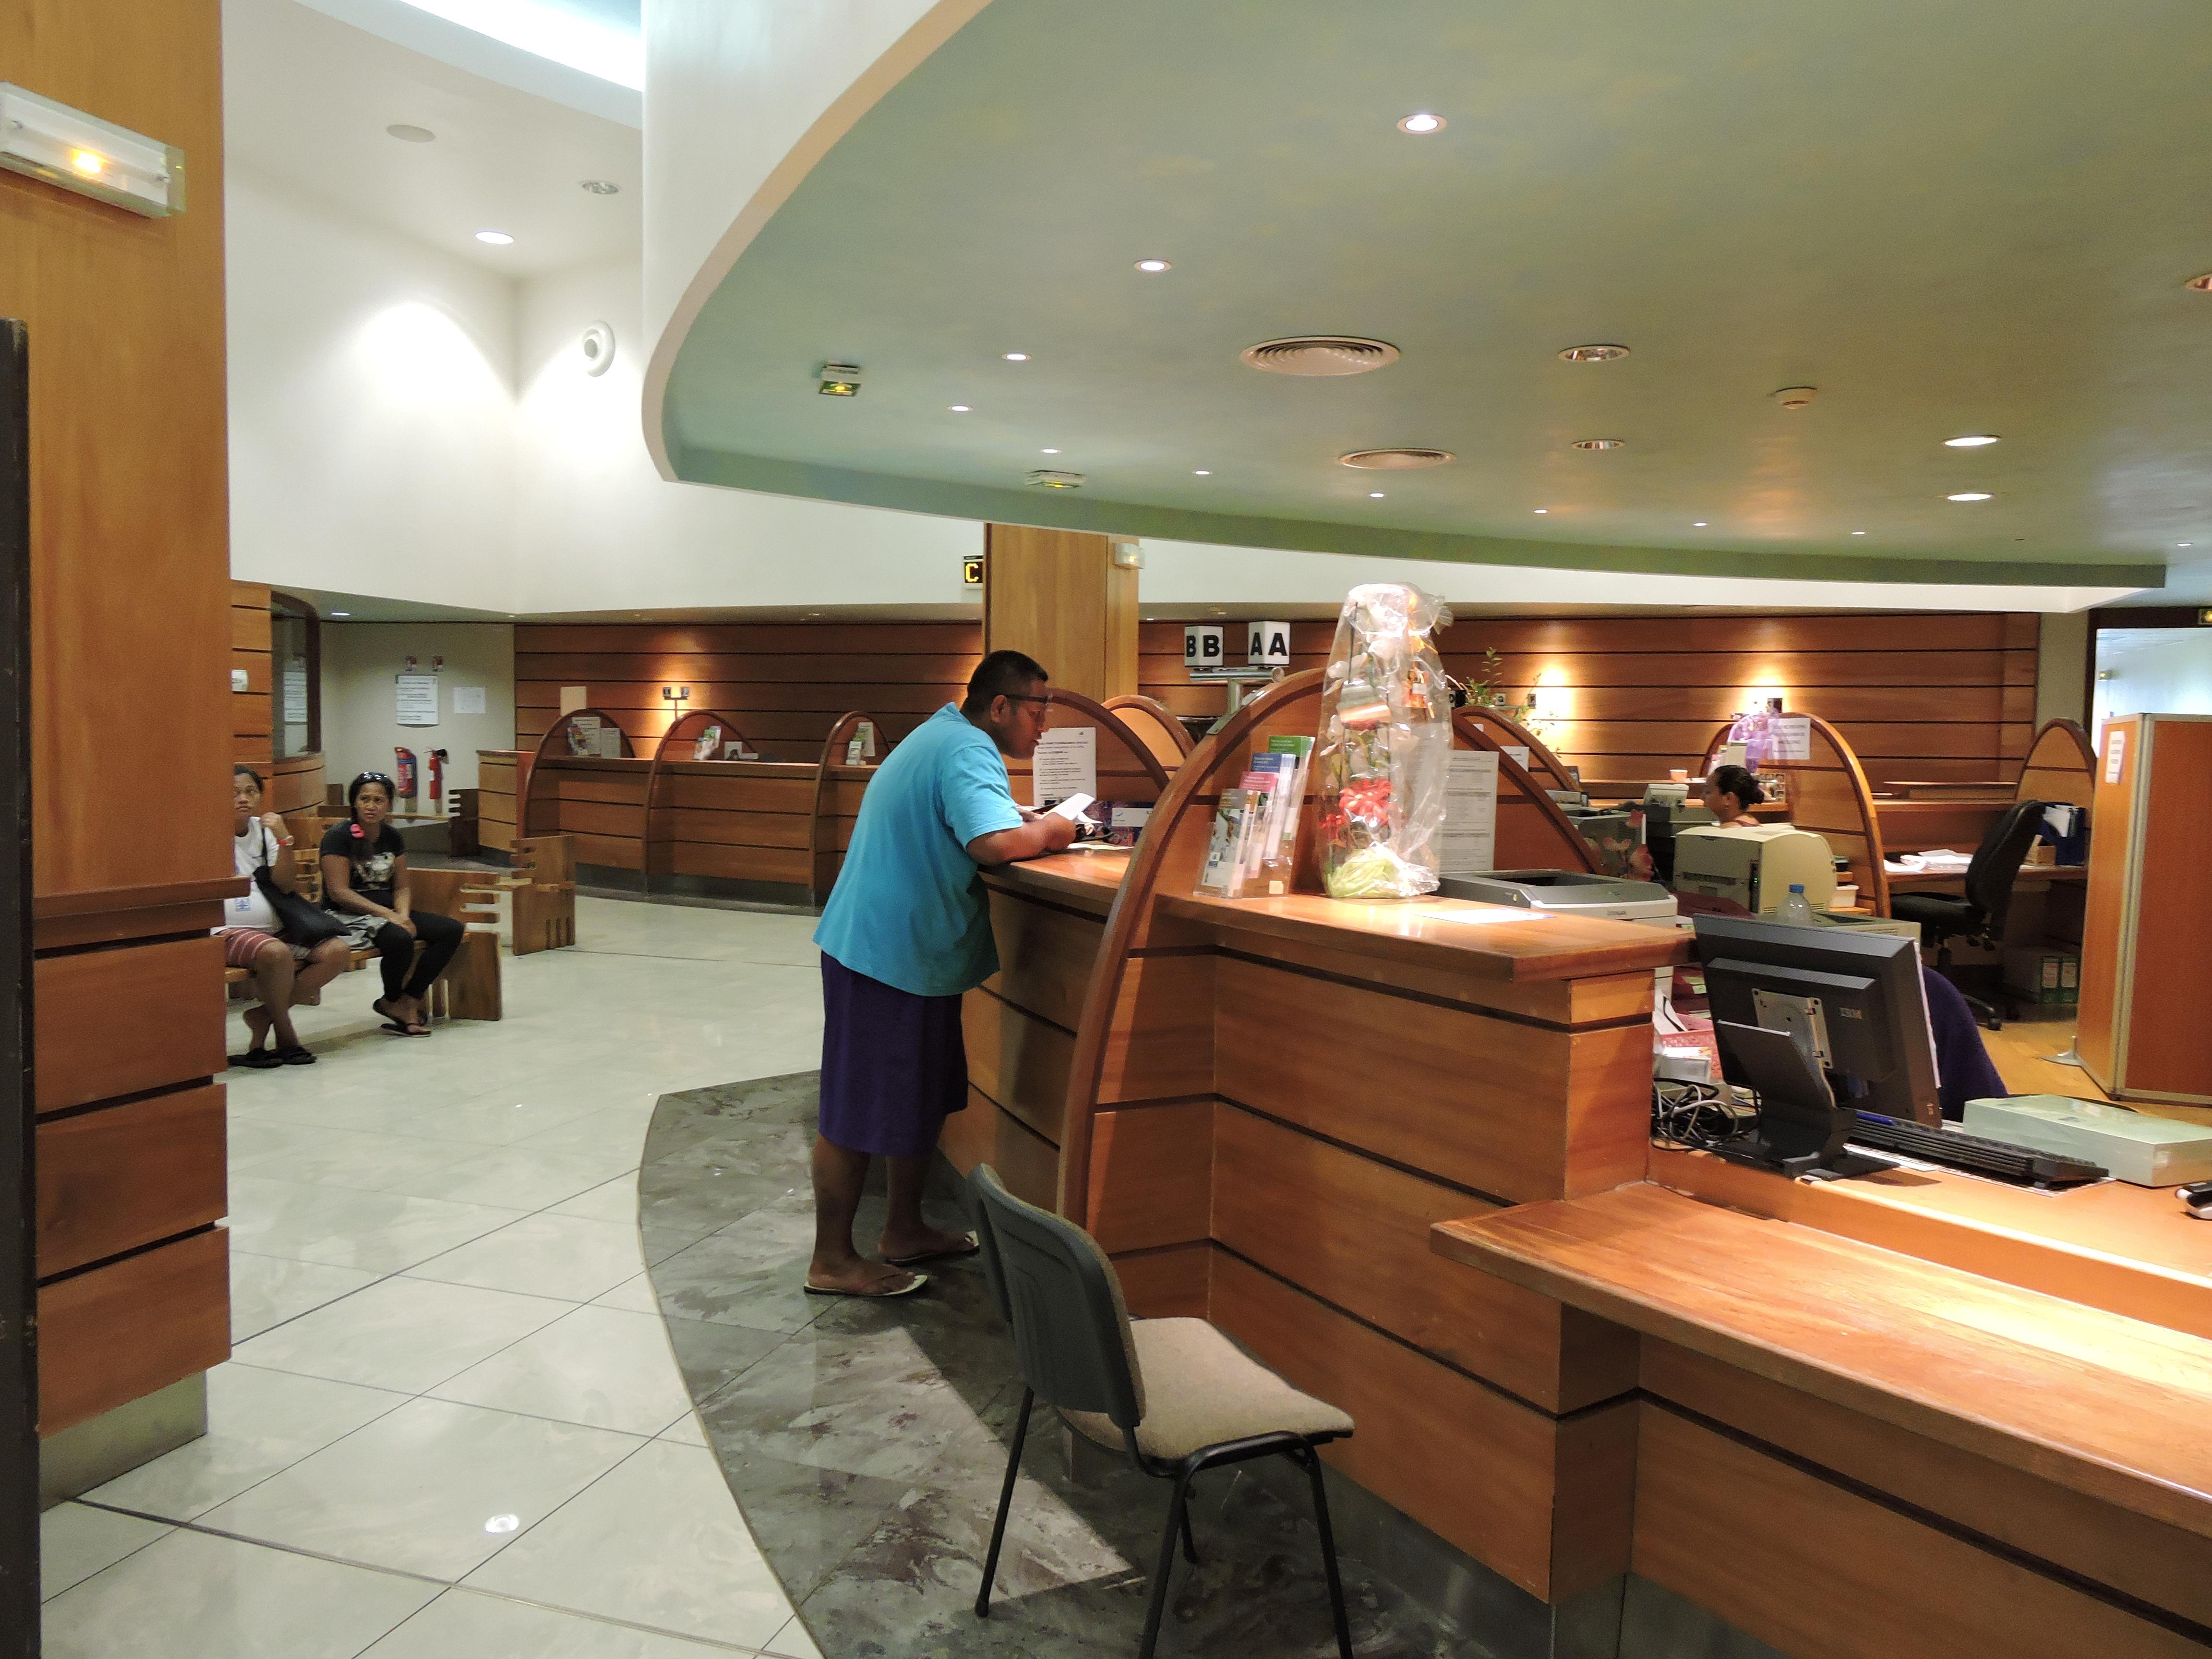 Les nouvelles conditions d'admission au RST avaient rédigée pour lutter contre les fraudes. Celles-ci sont évaluées à environ 8% des bénéficiaires, soit près de 6200 personnes sur les 77 479 Polynésiens inscrits à ce régime au 31 septembre 2015.